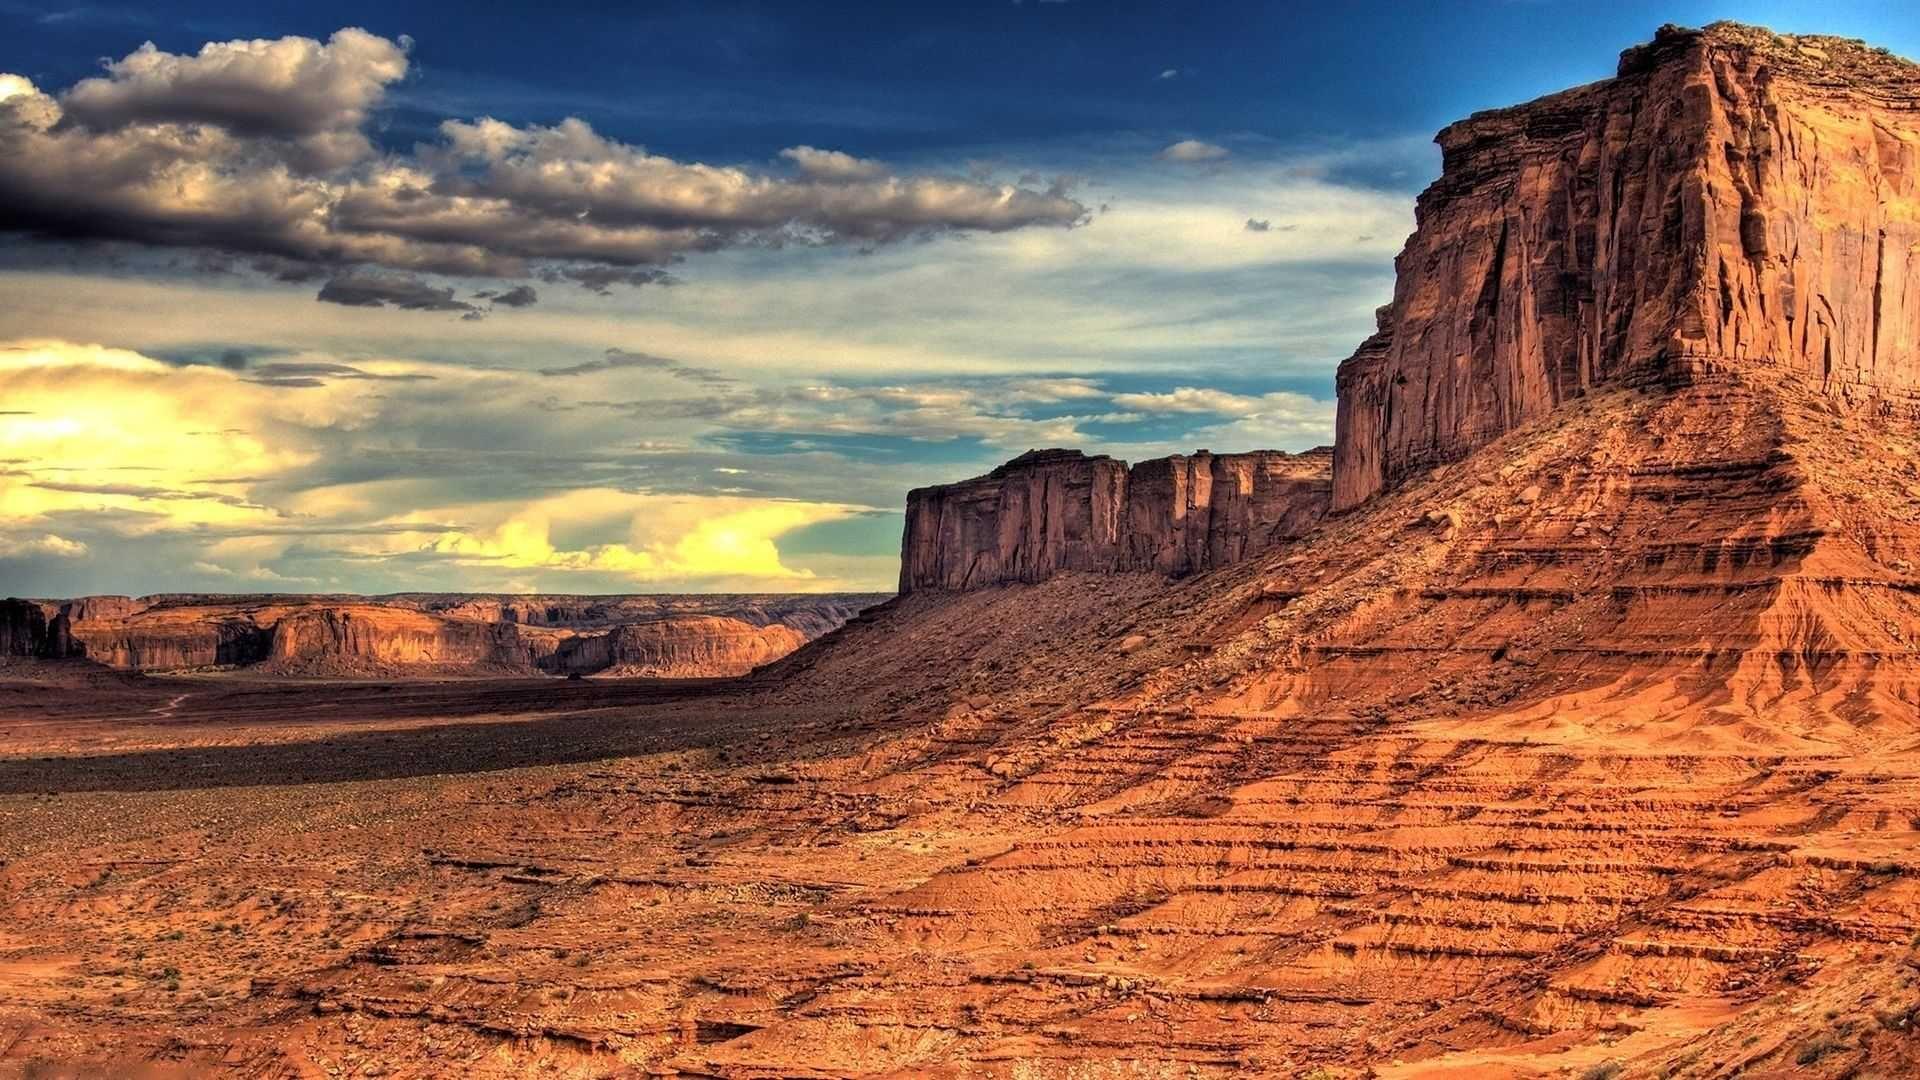 Desert Foothills Landscape picture